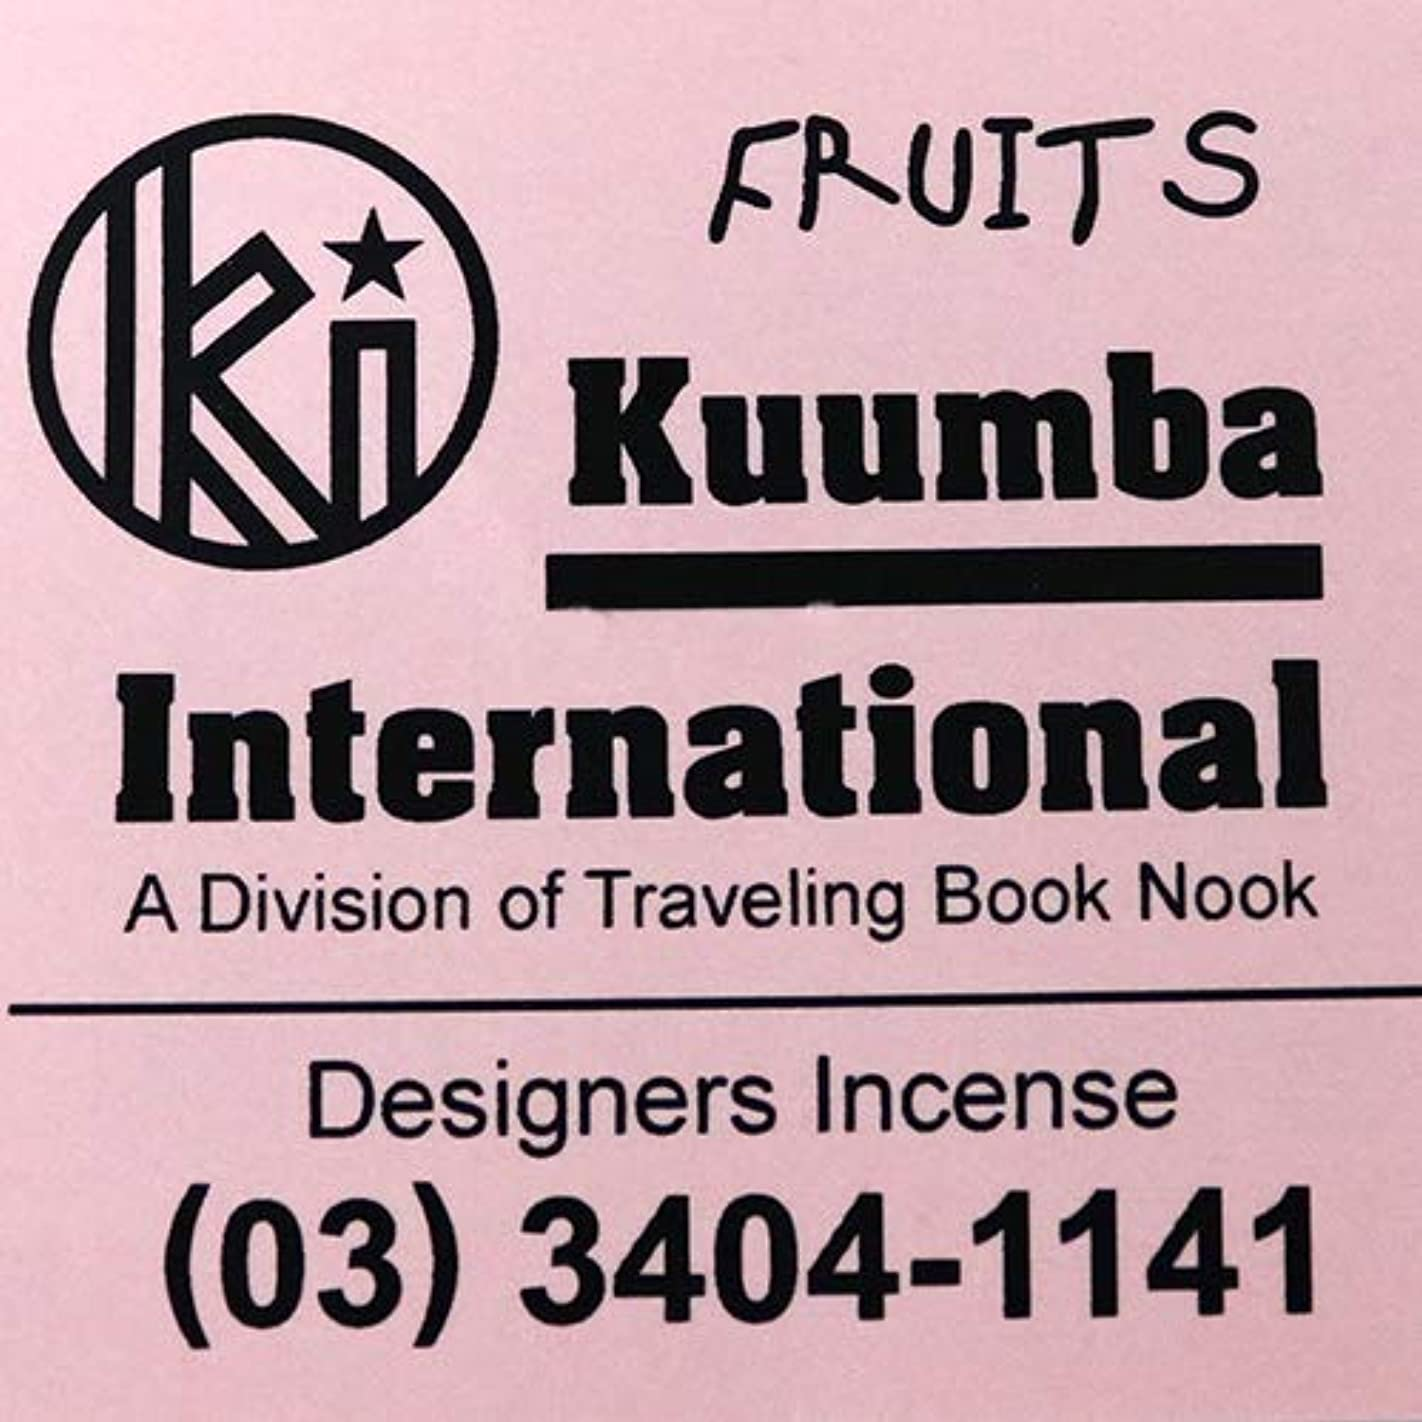 テント残酷な圧縮する(クンバ) KUUMBA『incense』(FRUITS) (FRUITS, Regular size)